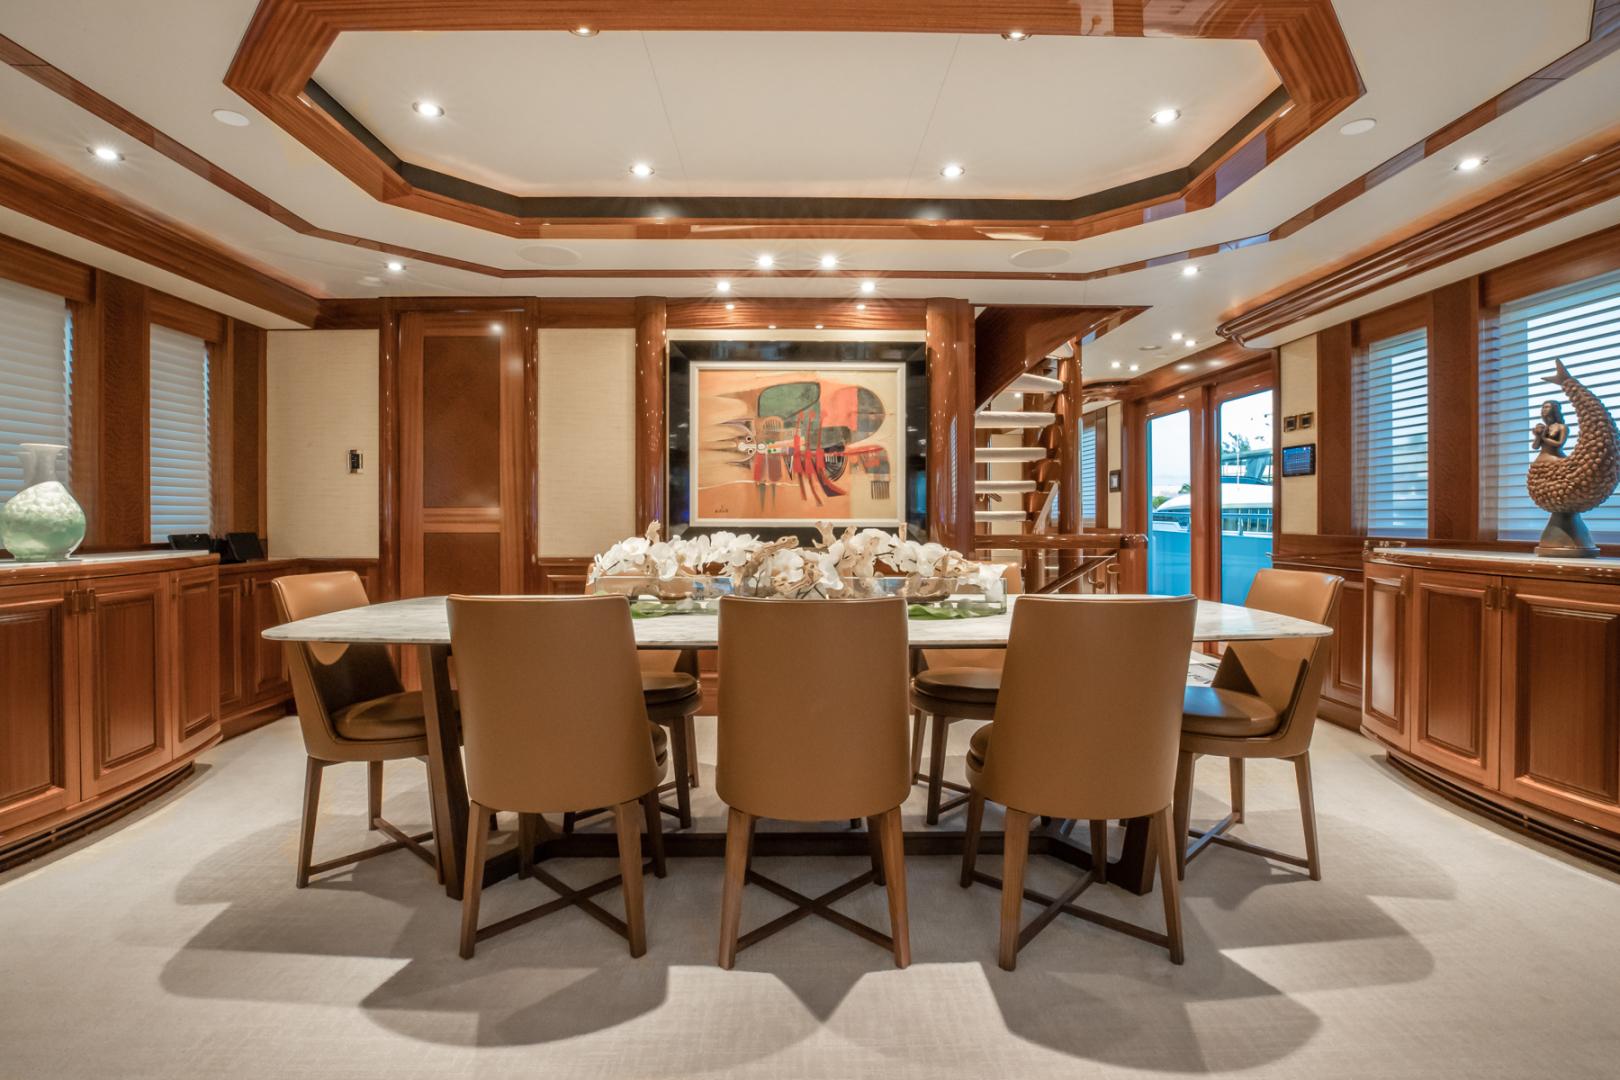 Westport-Westport 40 meter 2011-NINA LU Miami-Florida-United States-Dining Area-1354253 | Thumbnail